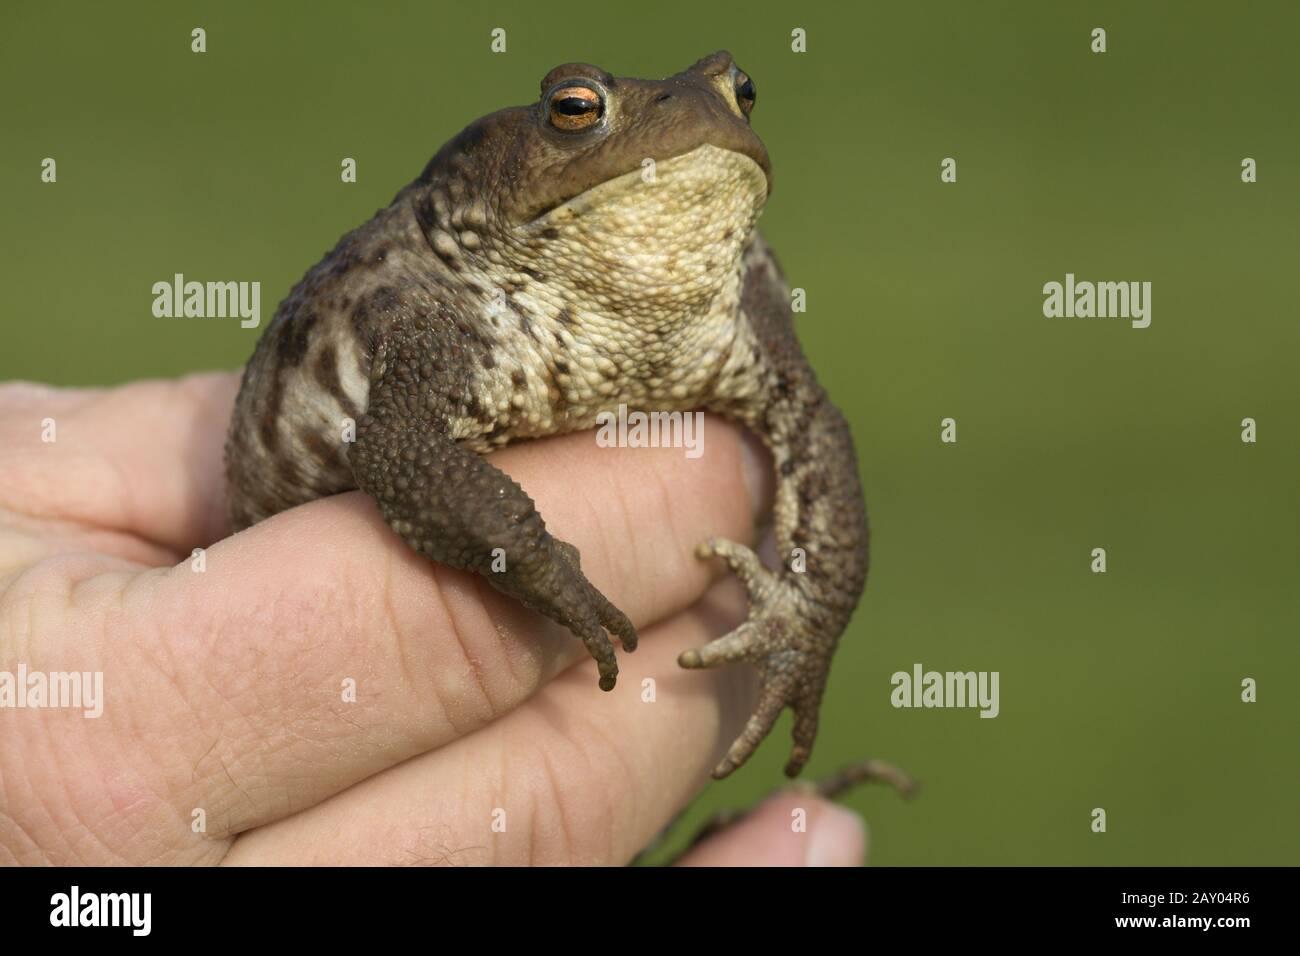 Erdkroete, in der Hand haltend, Bufo bufo, European Common Toad, in hand Stock Photo